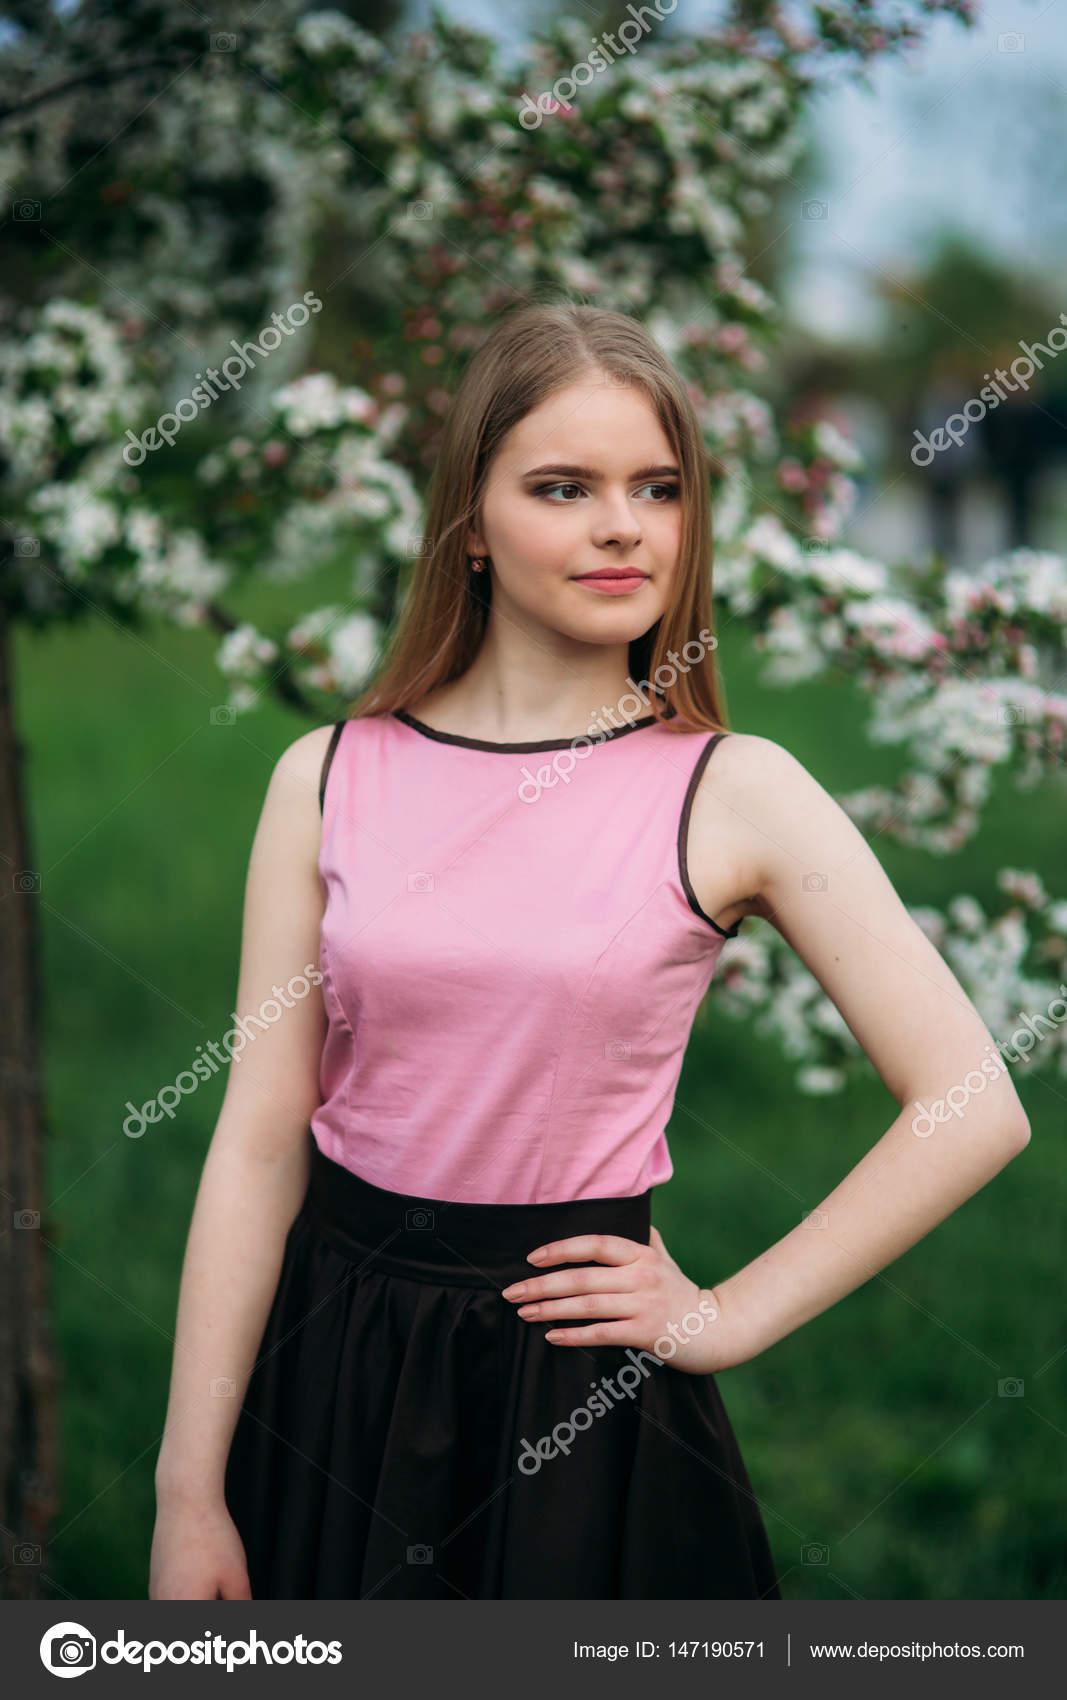 69091288c Blusa rosa y falda negra | Encantadora chica de blusa rosa y falda ...